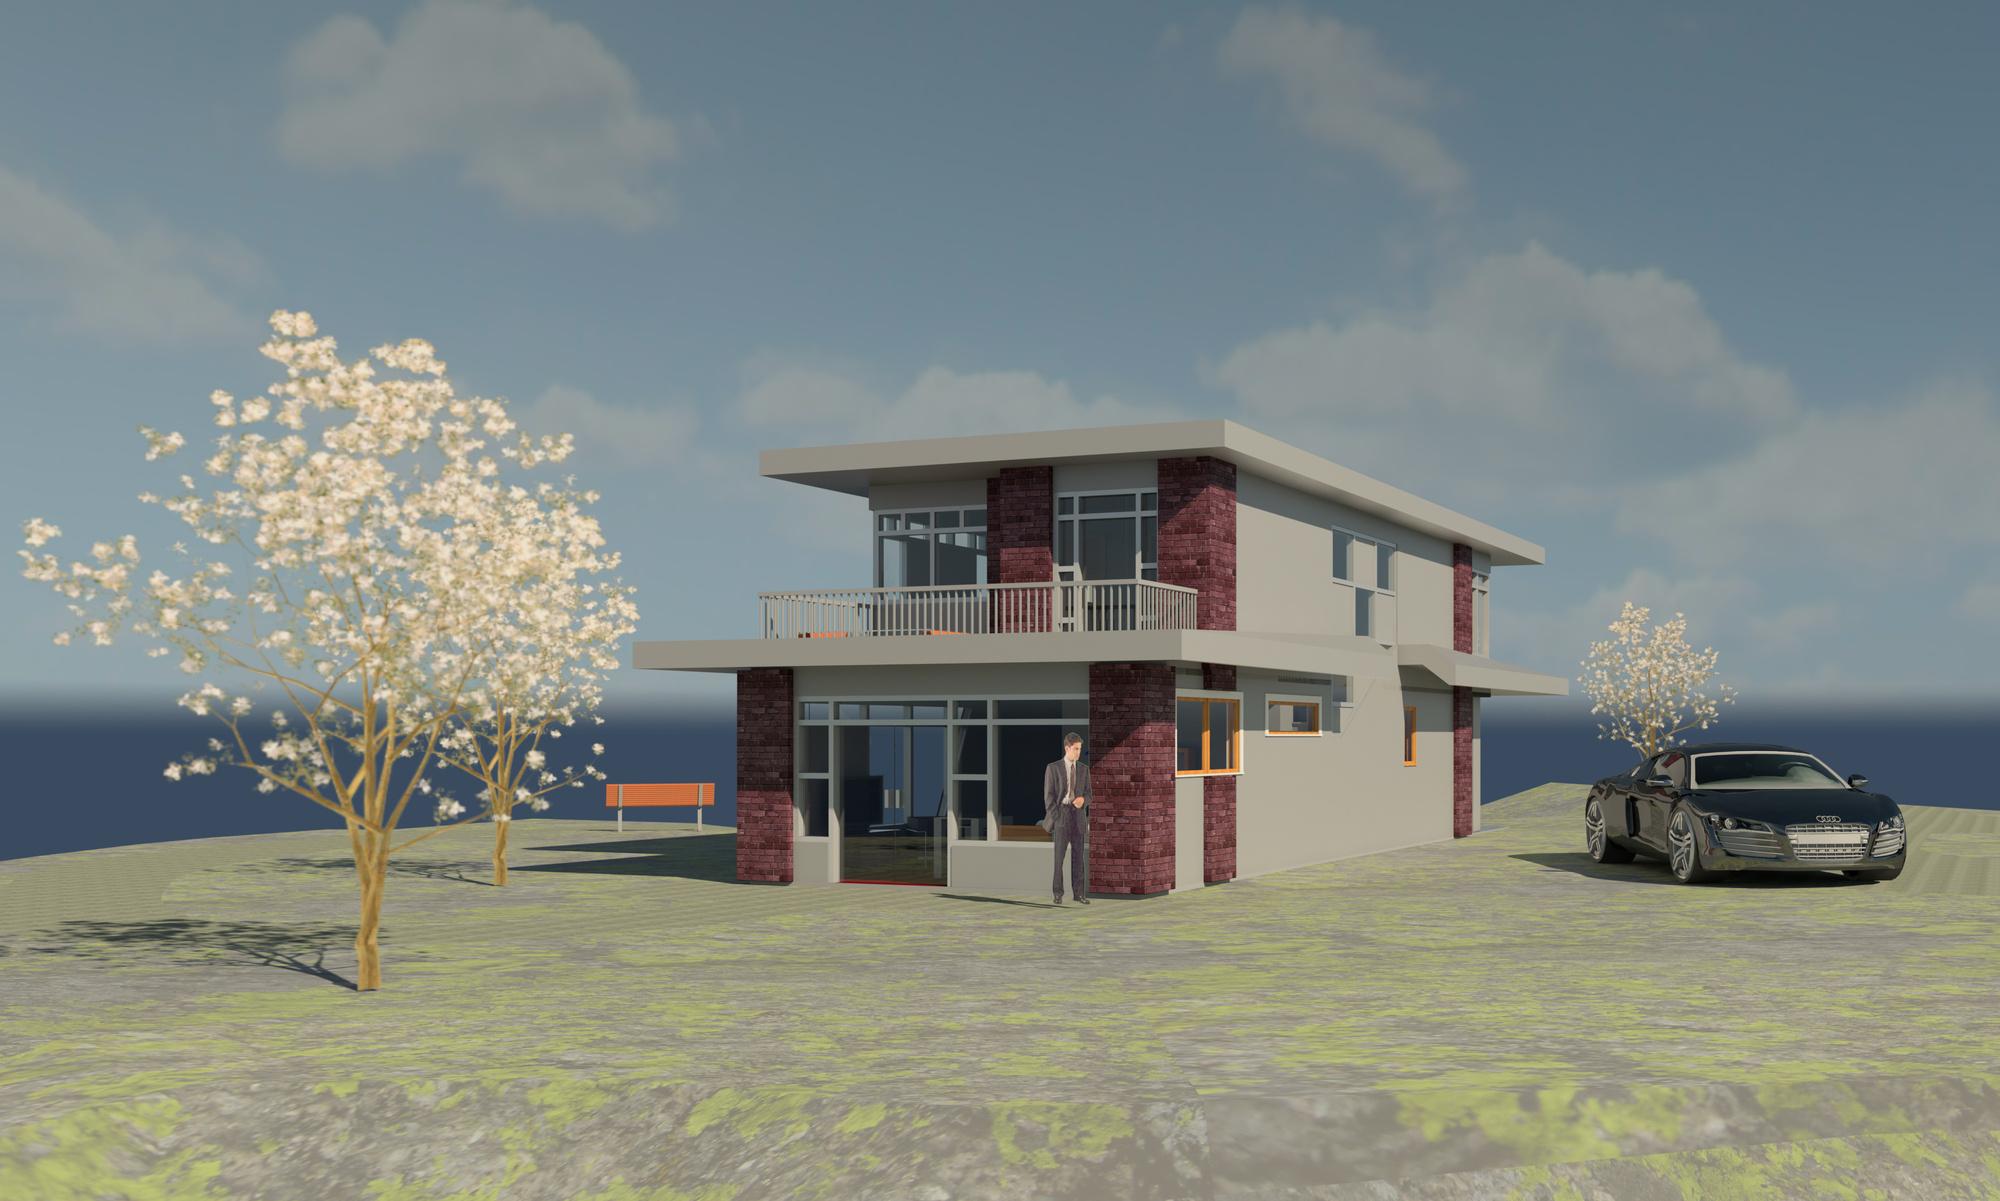 Raas-rendering20141222-22532-16sgic